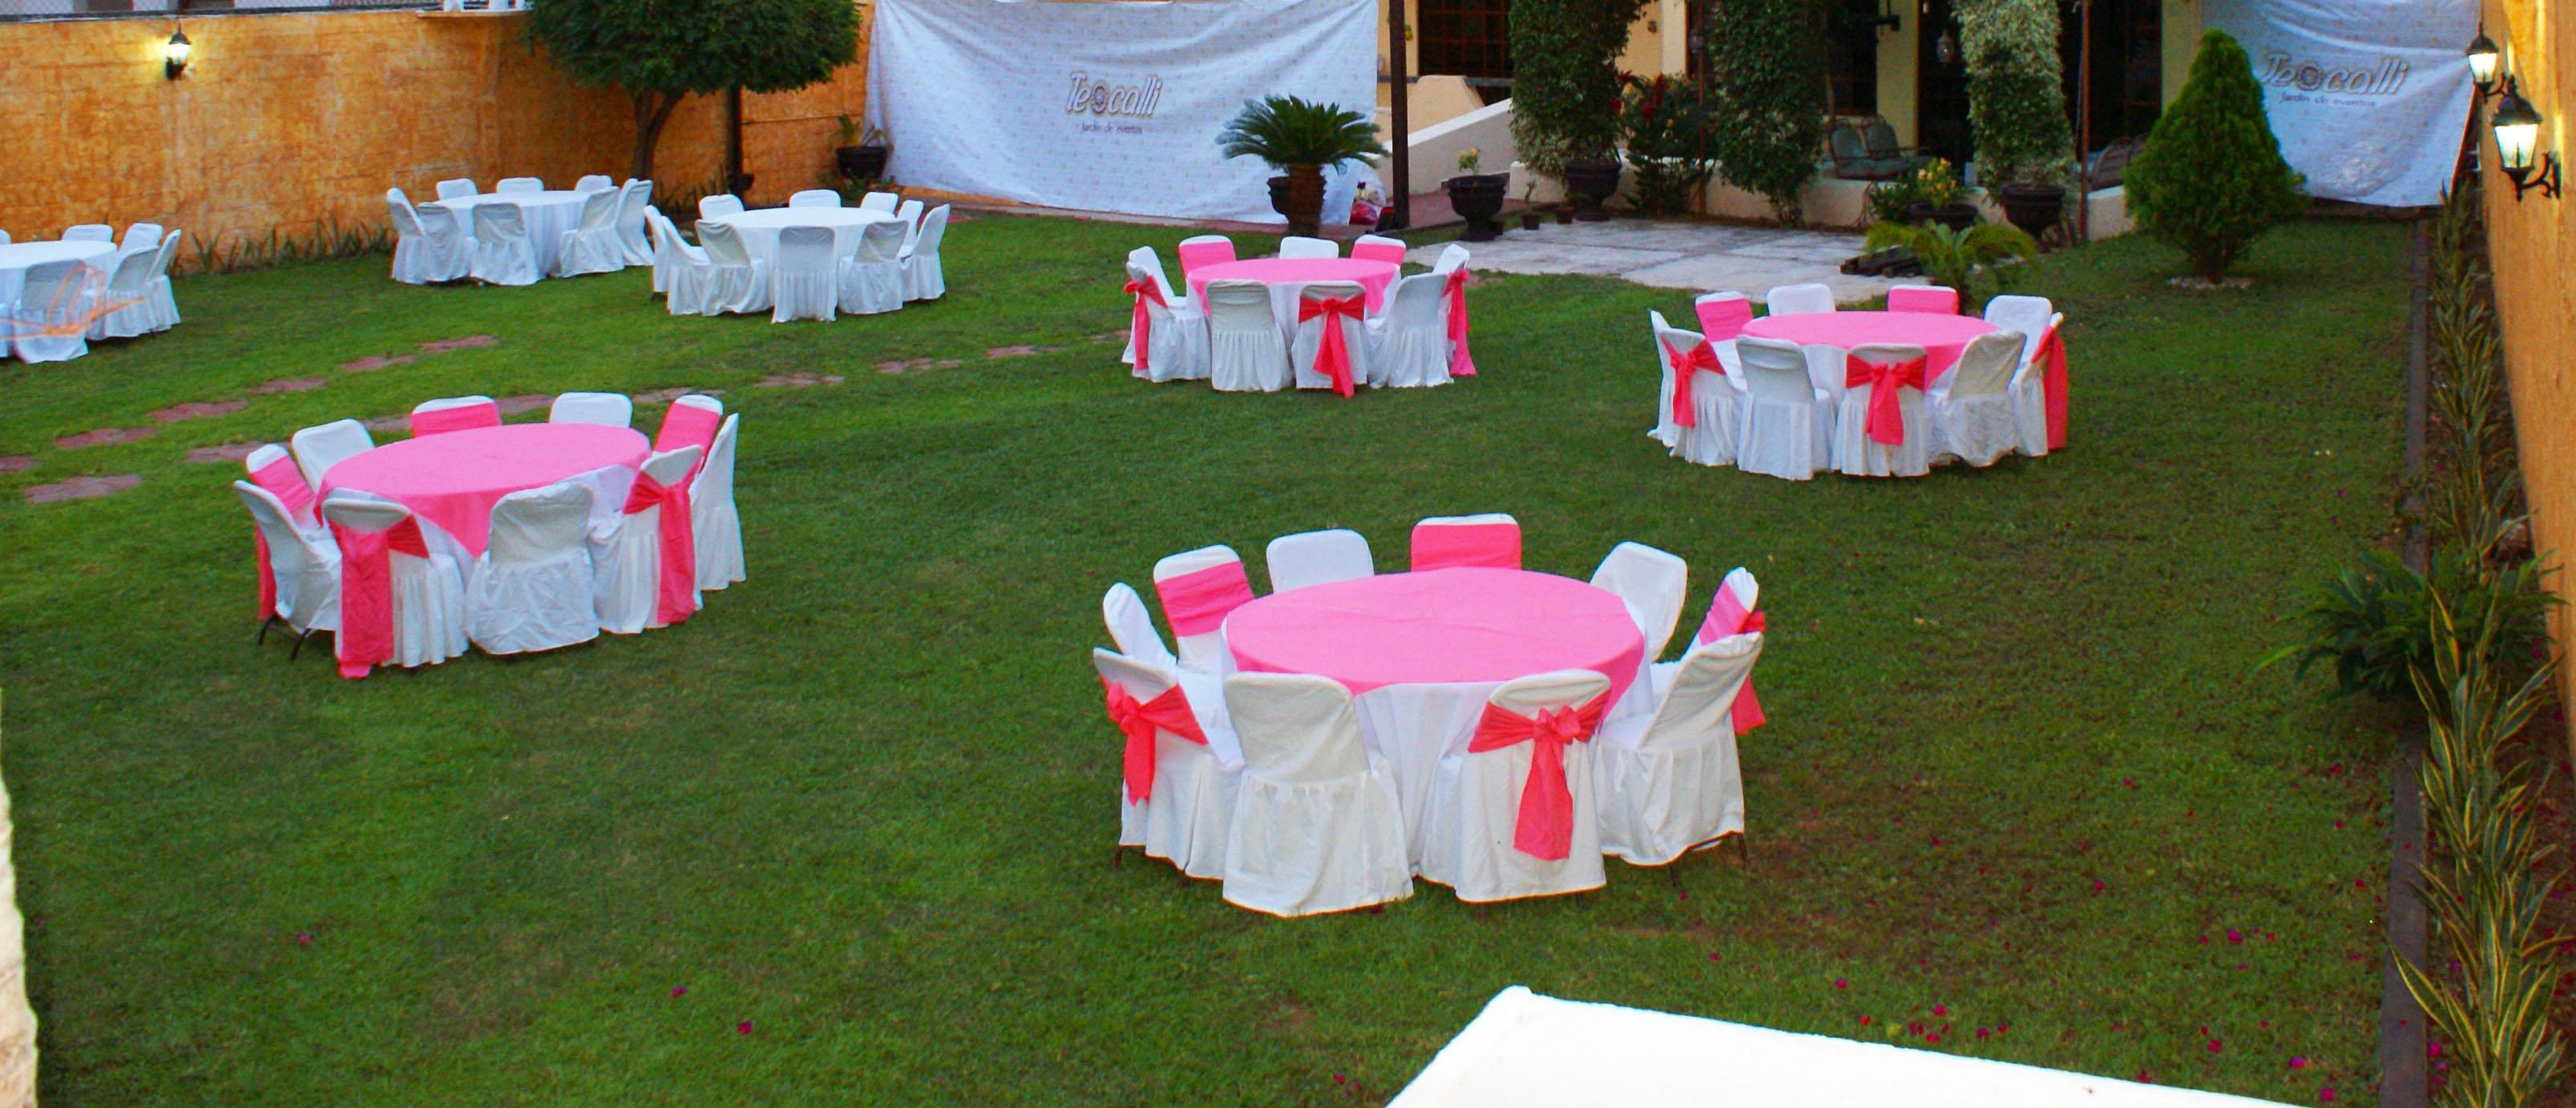 Teocalli jardin de eventos for Fiestas en jardin